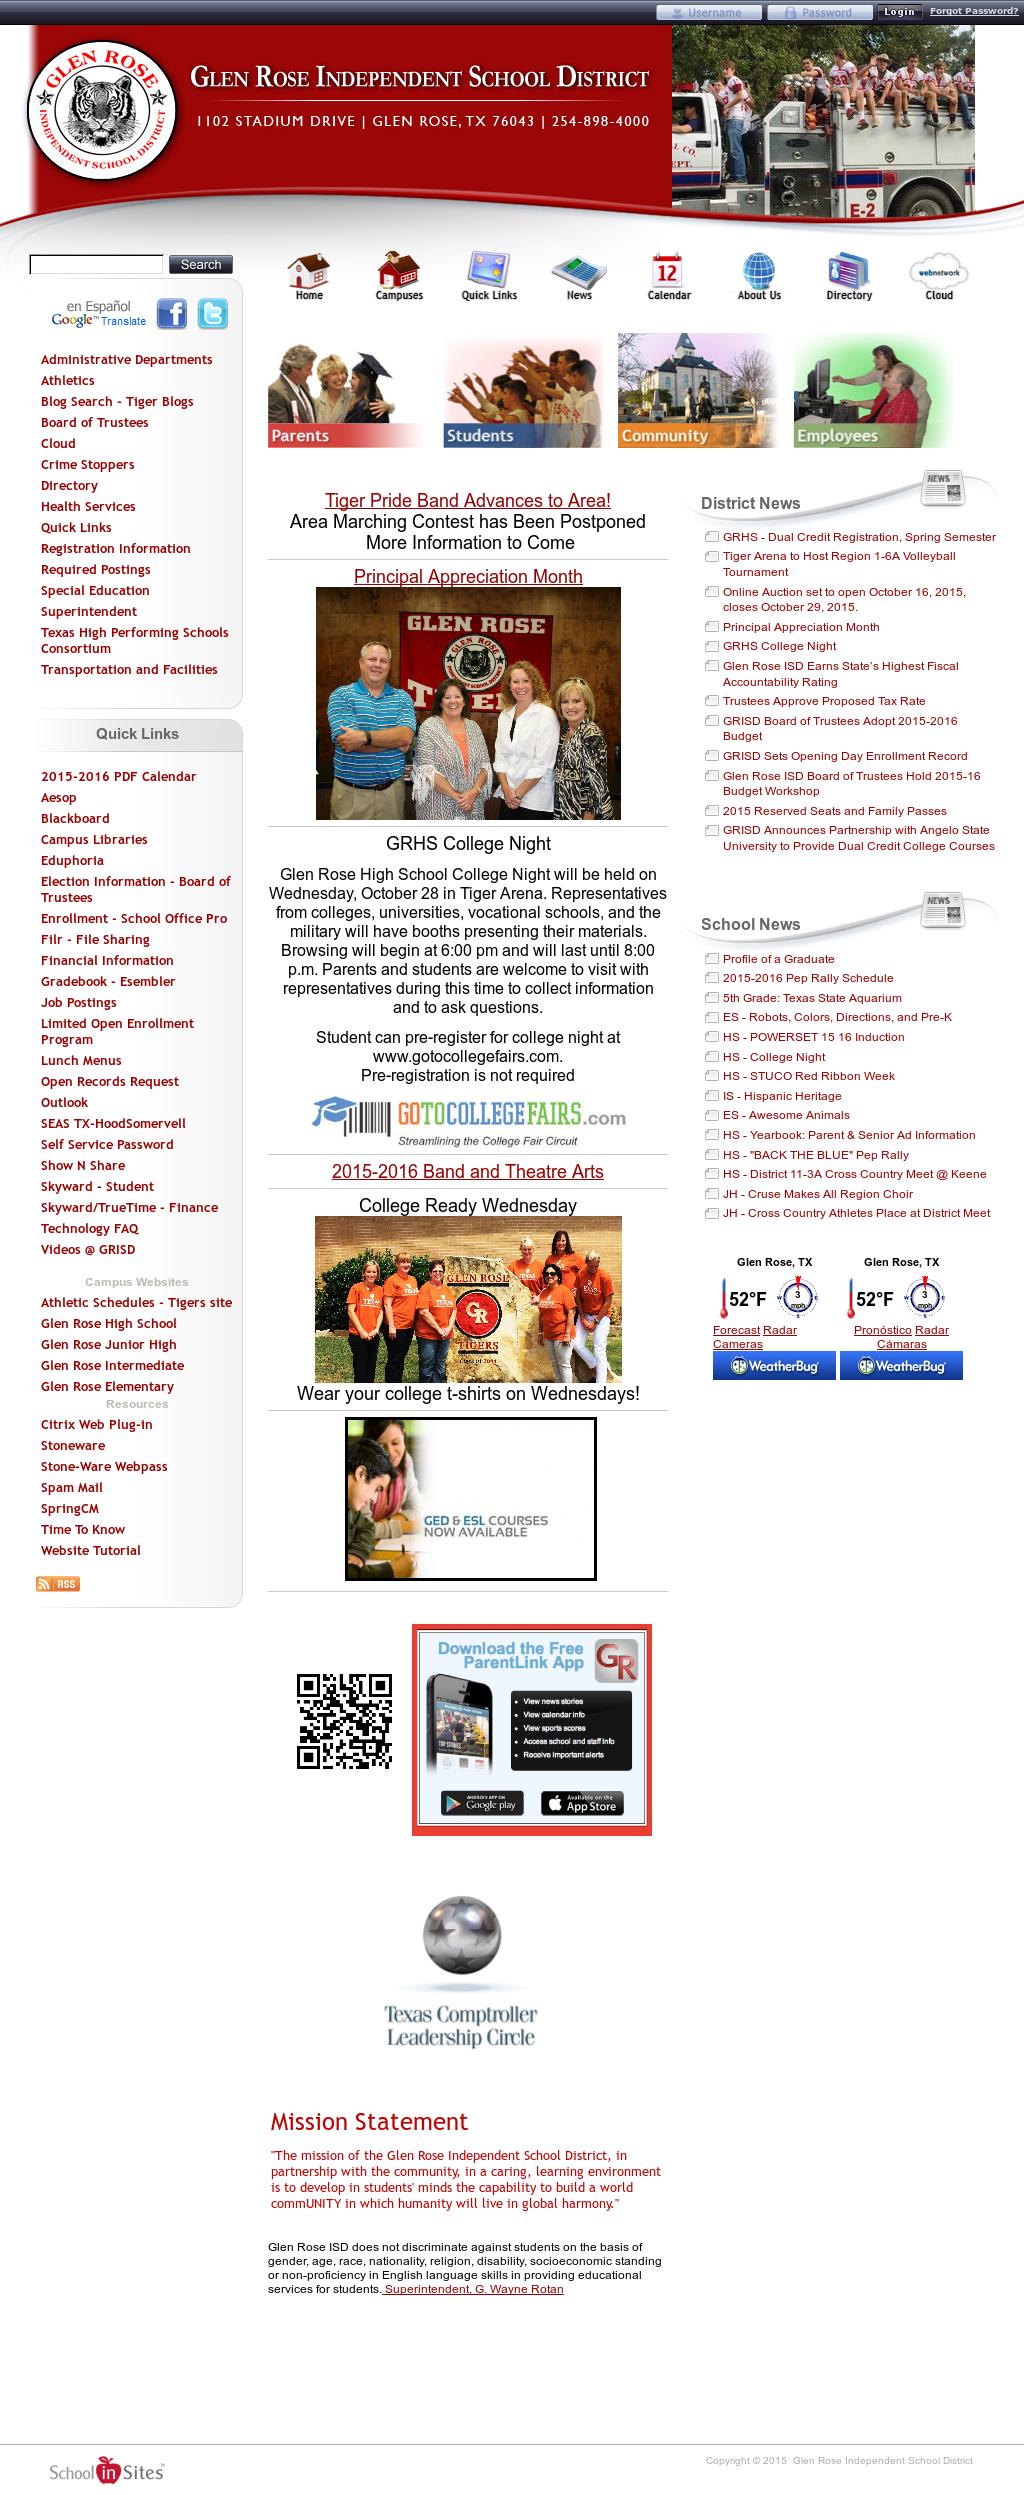 esembler online gradebook